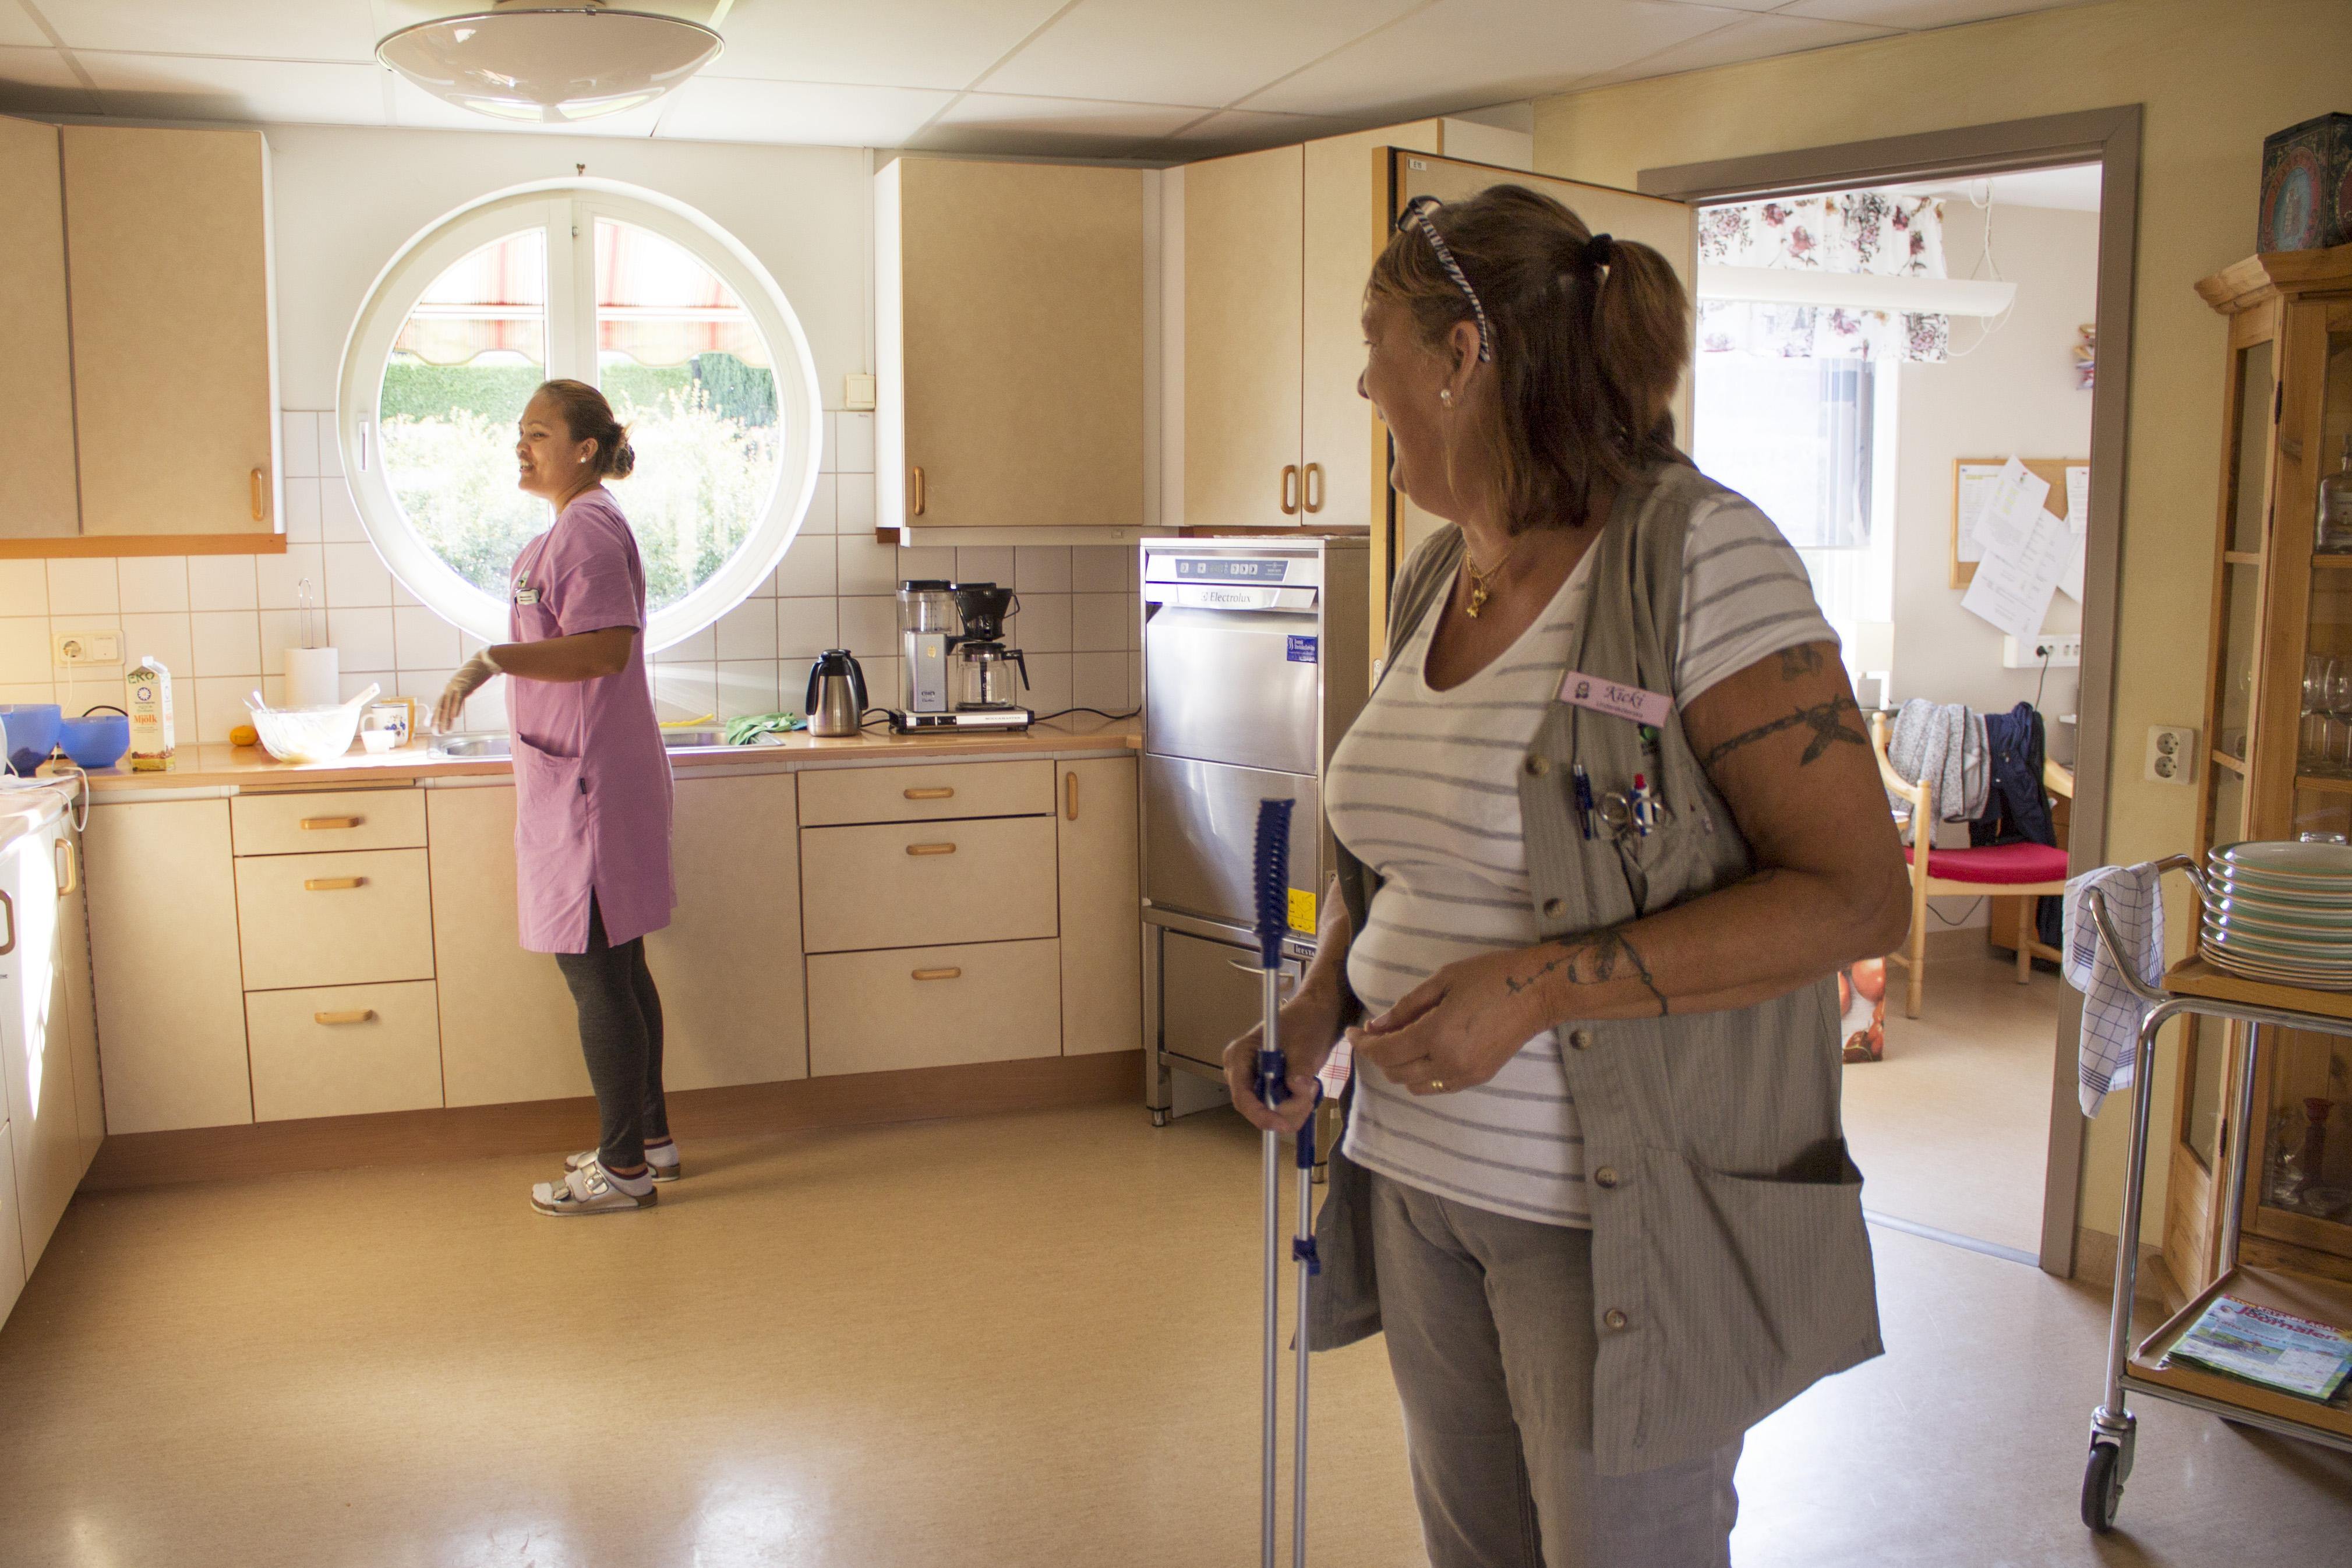 Undersköterskorna Janice Caraeus och Kicki Hiltén på Flintebros äldreboende är i full gång med bak och städning.